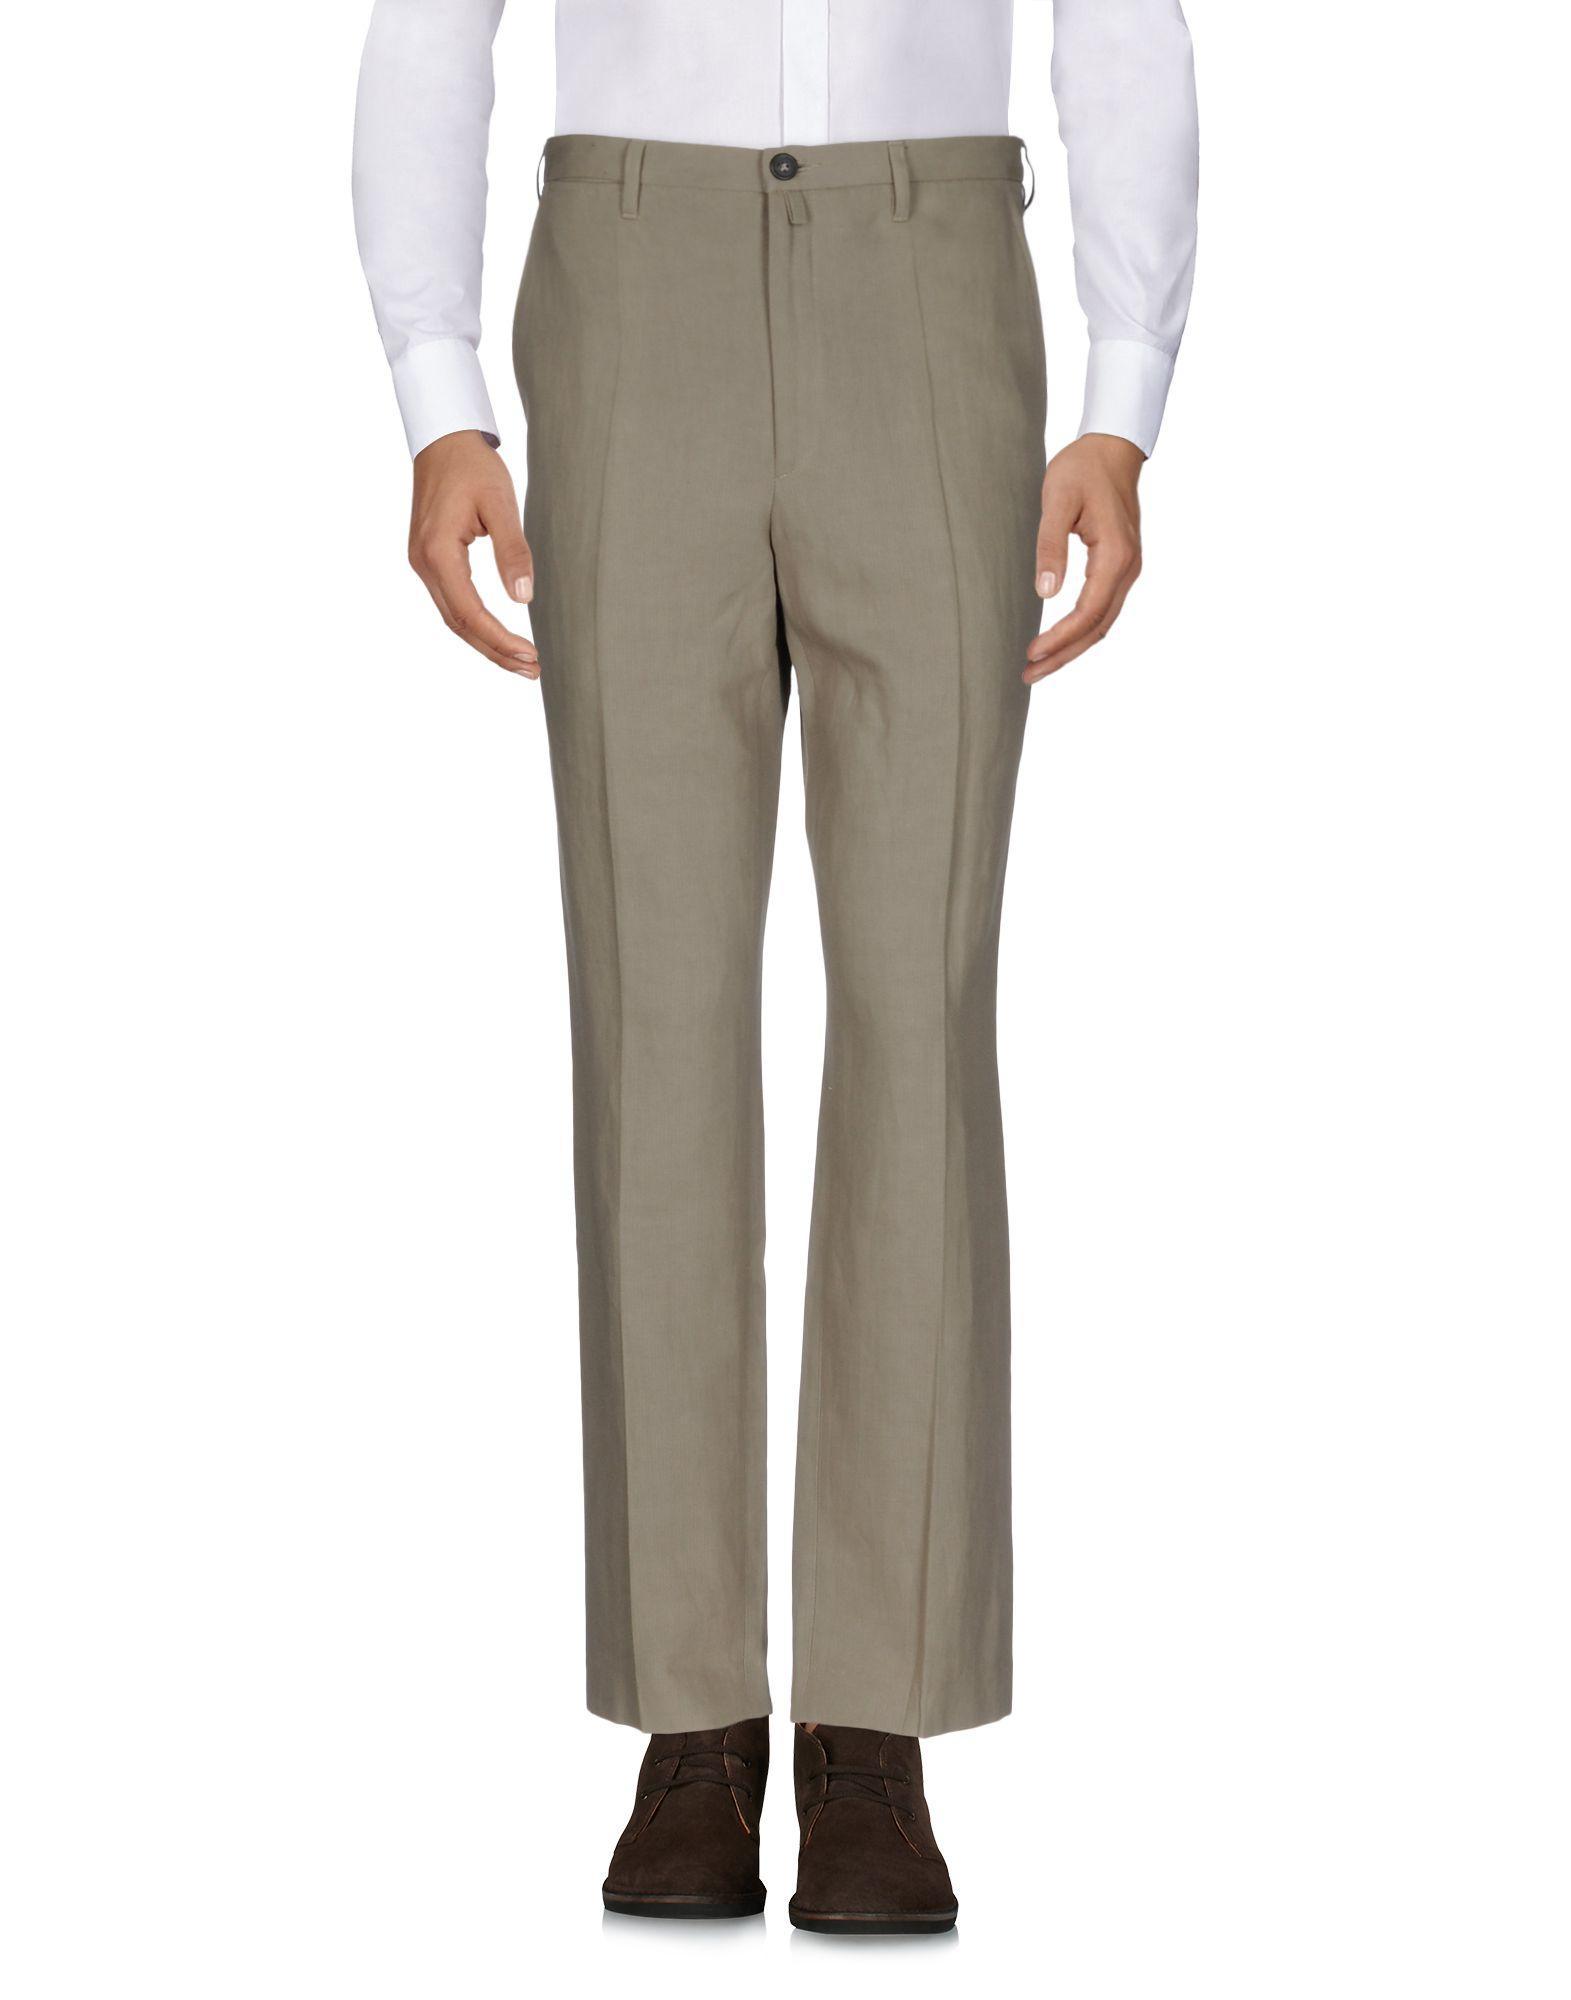 Dries Van Noten Casual Pants In Khaki